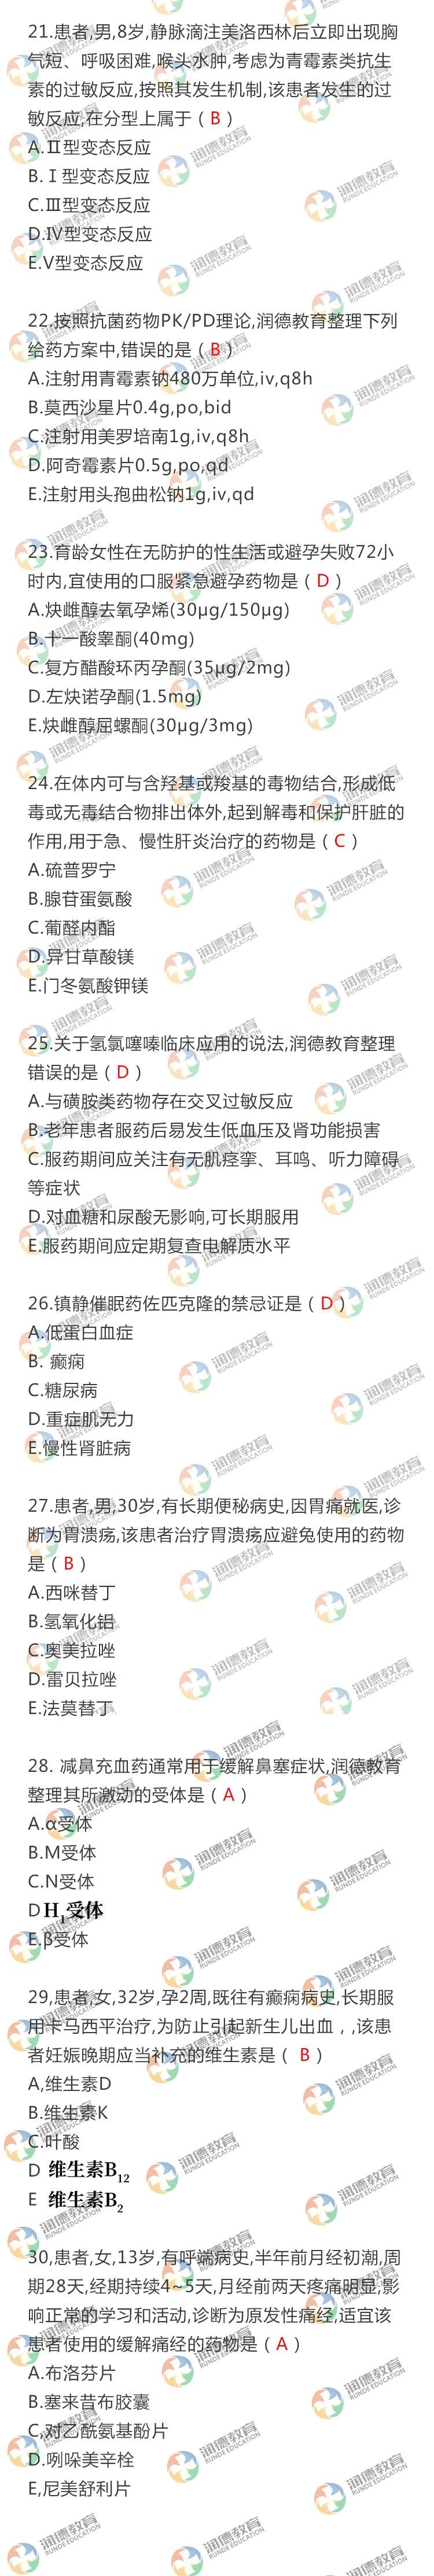 执业药师西药二21-30.jpg